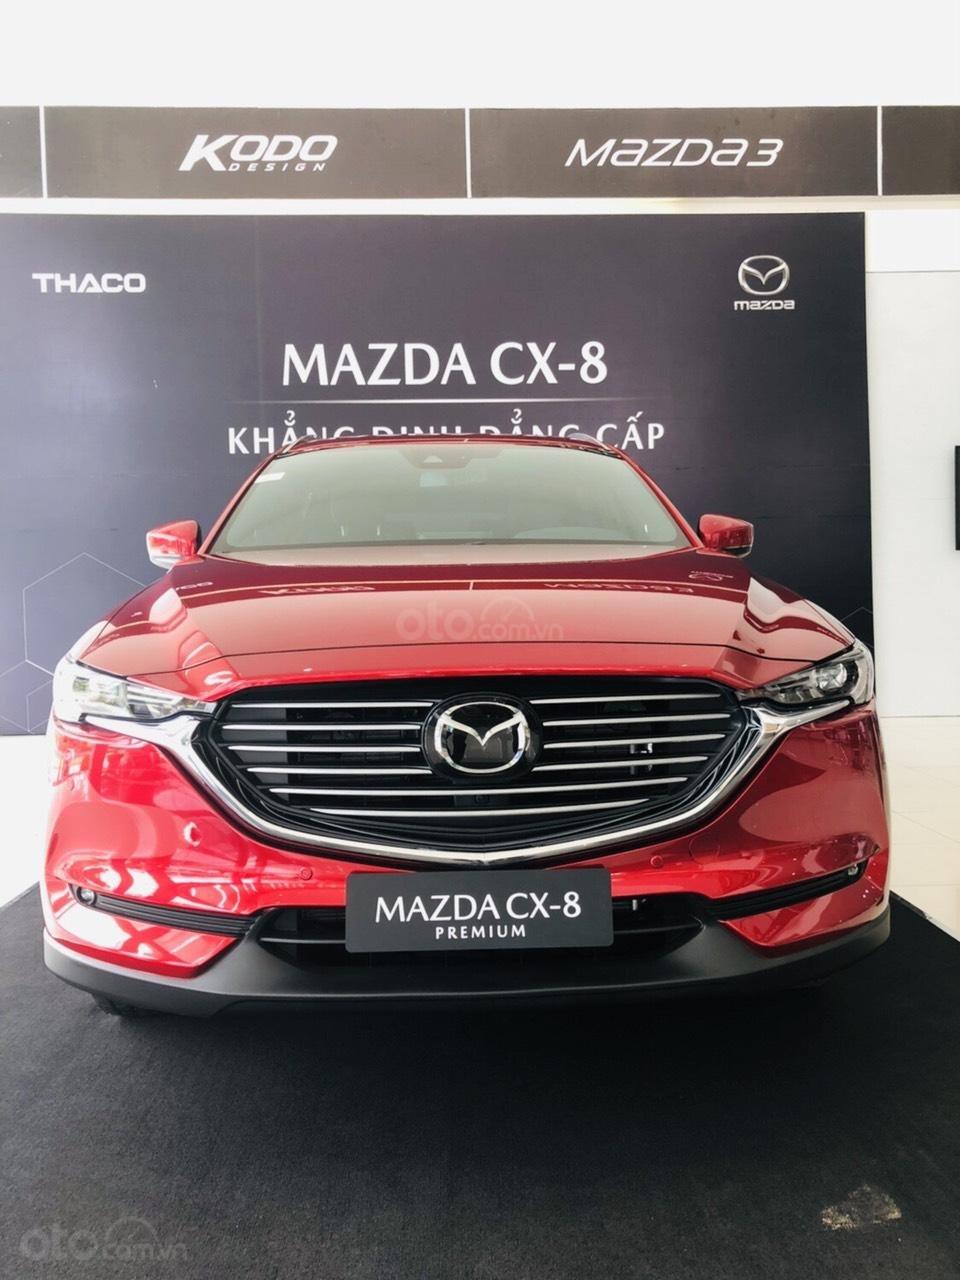 Bán Mazda CX-8 Premium 2019 - ưu đãi hấp dẫn - Hỗ trợ thủ tục nhanh chóng (1)